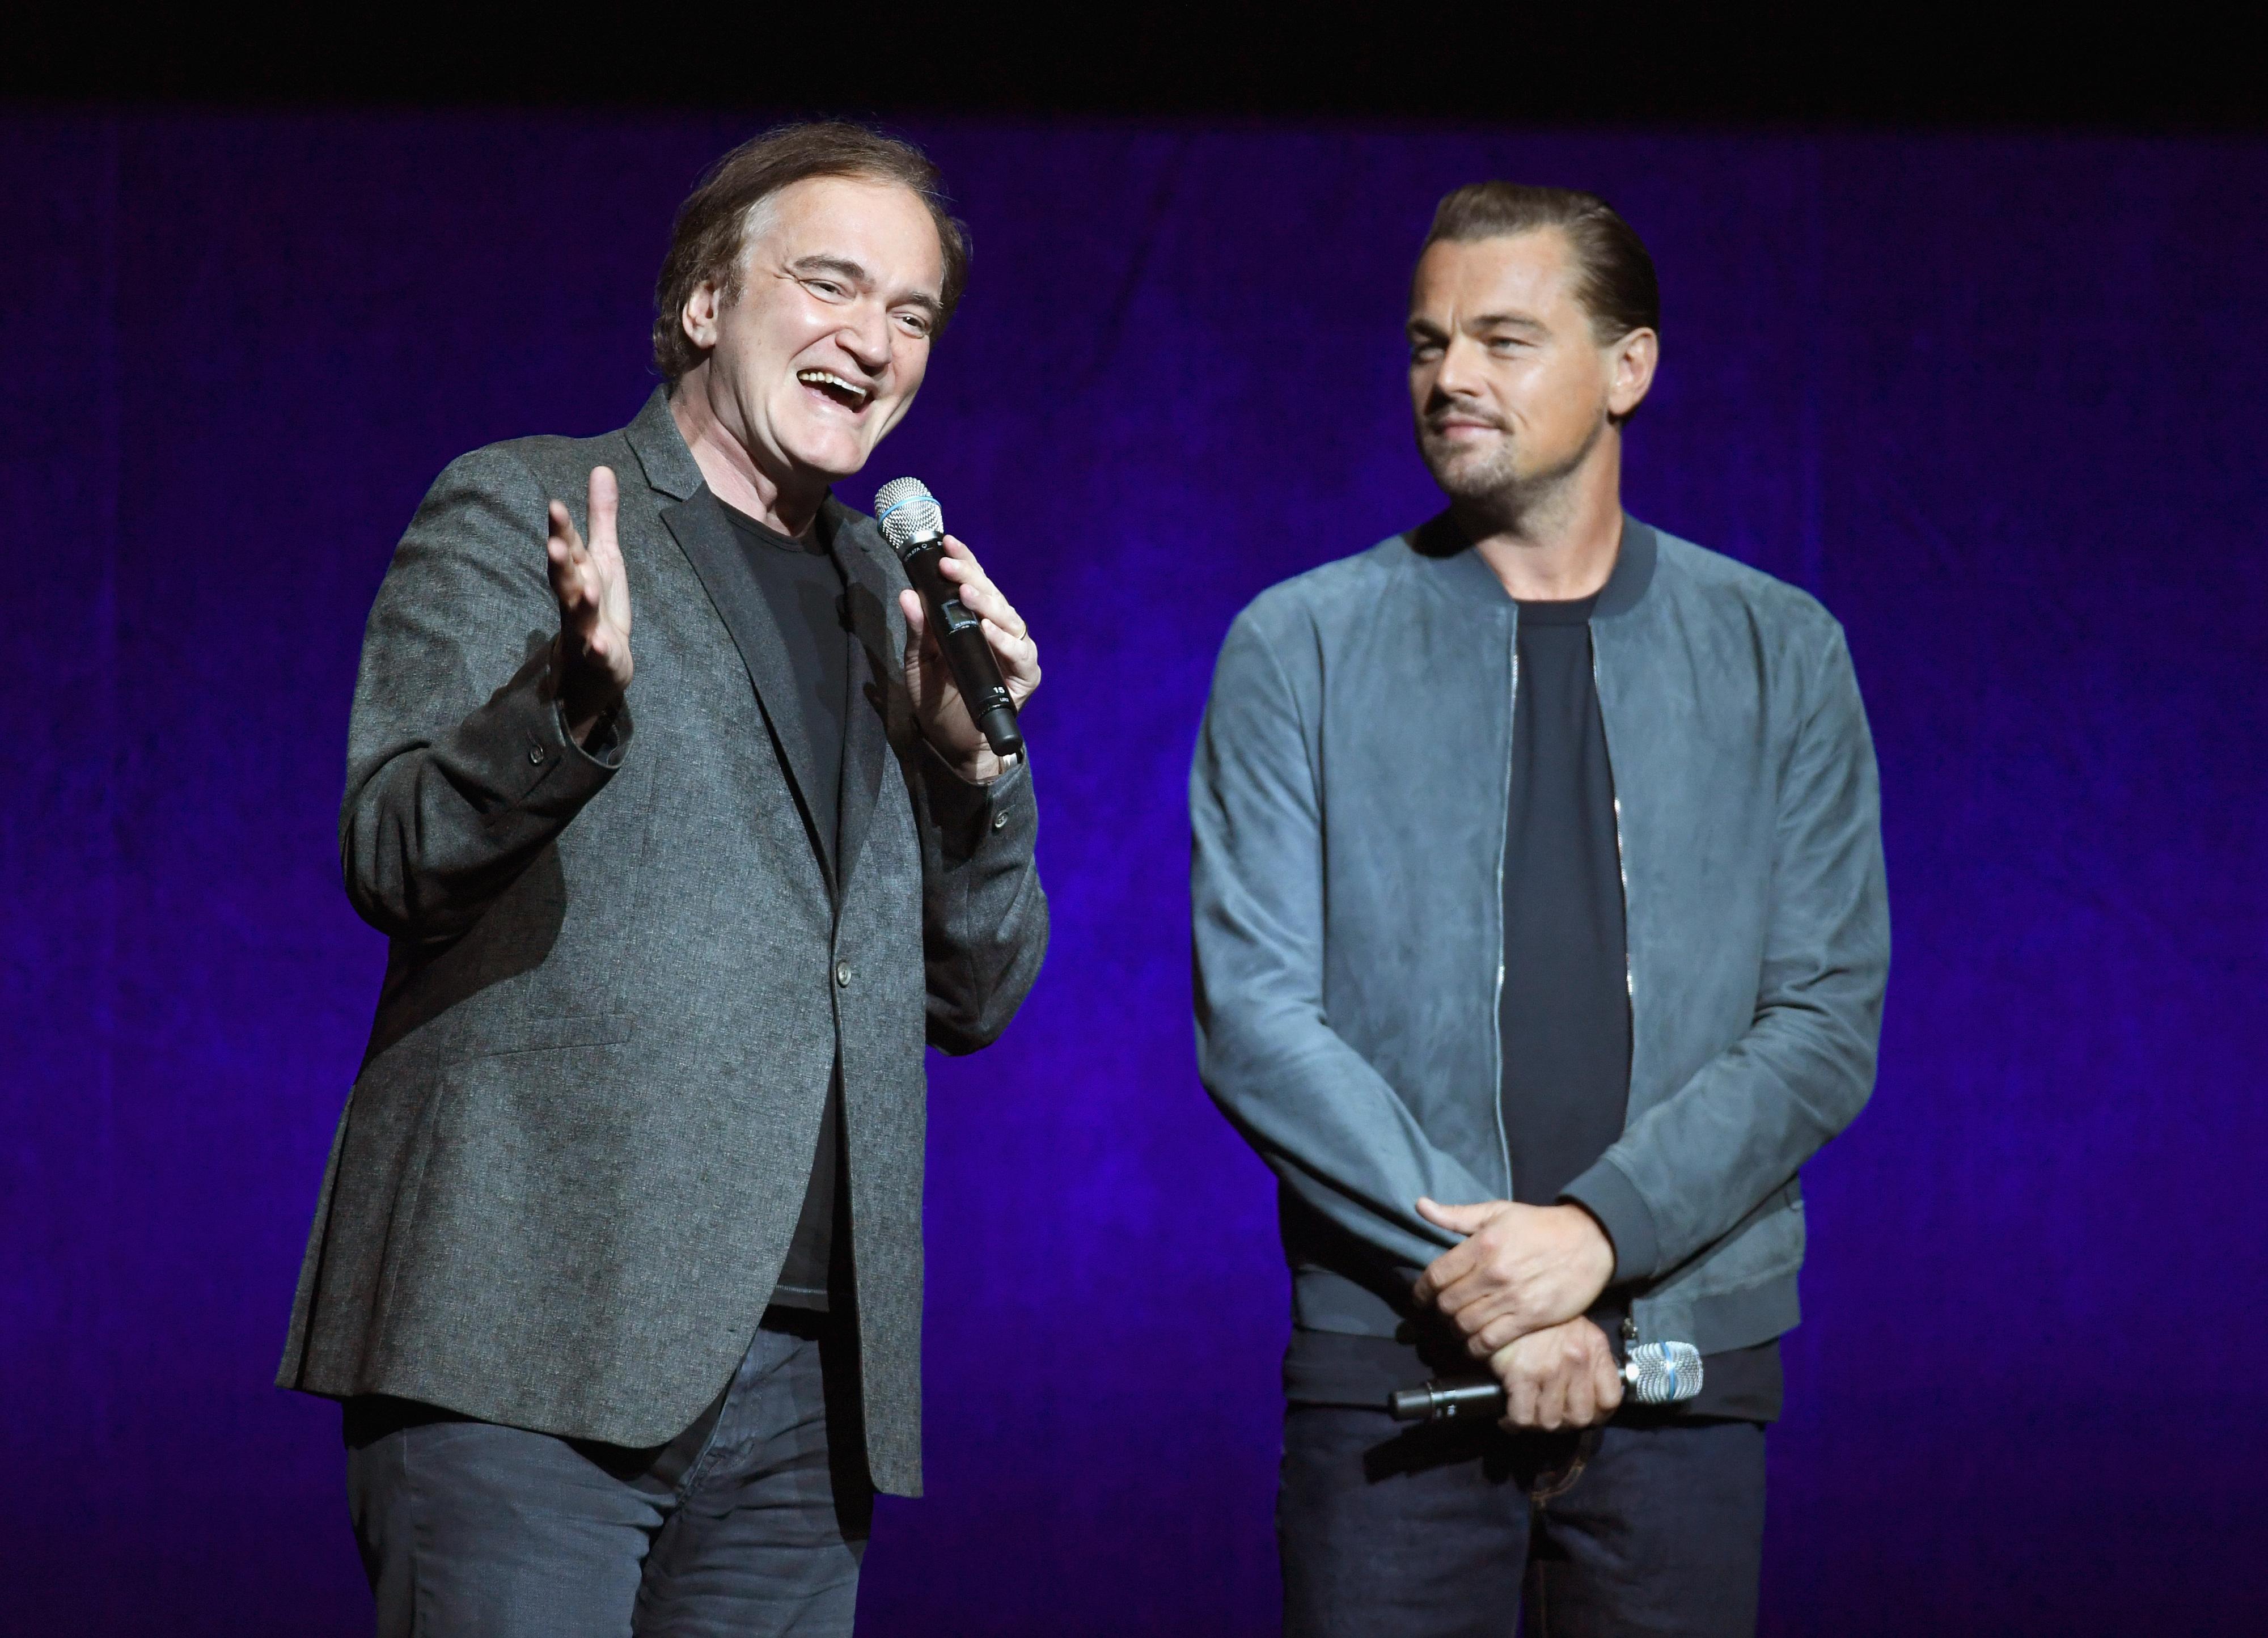 Tarantino e DiCaprio surpreendem Las Vegas e revelam novo projeto. Brad Pitt também entra